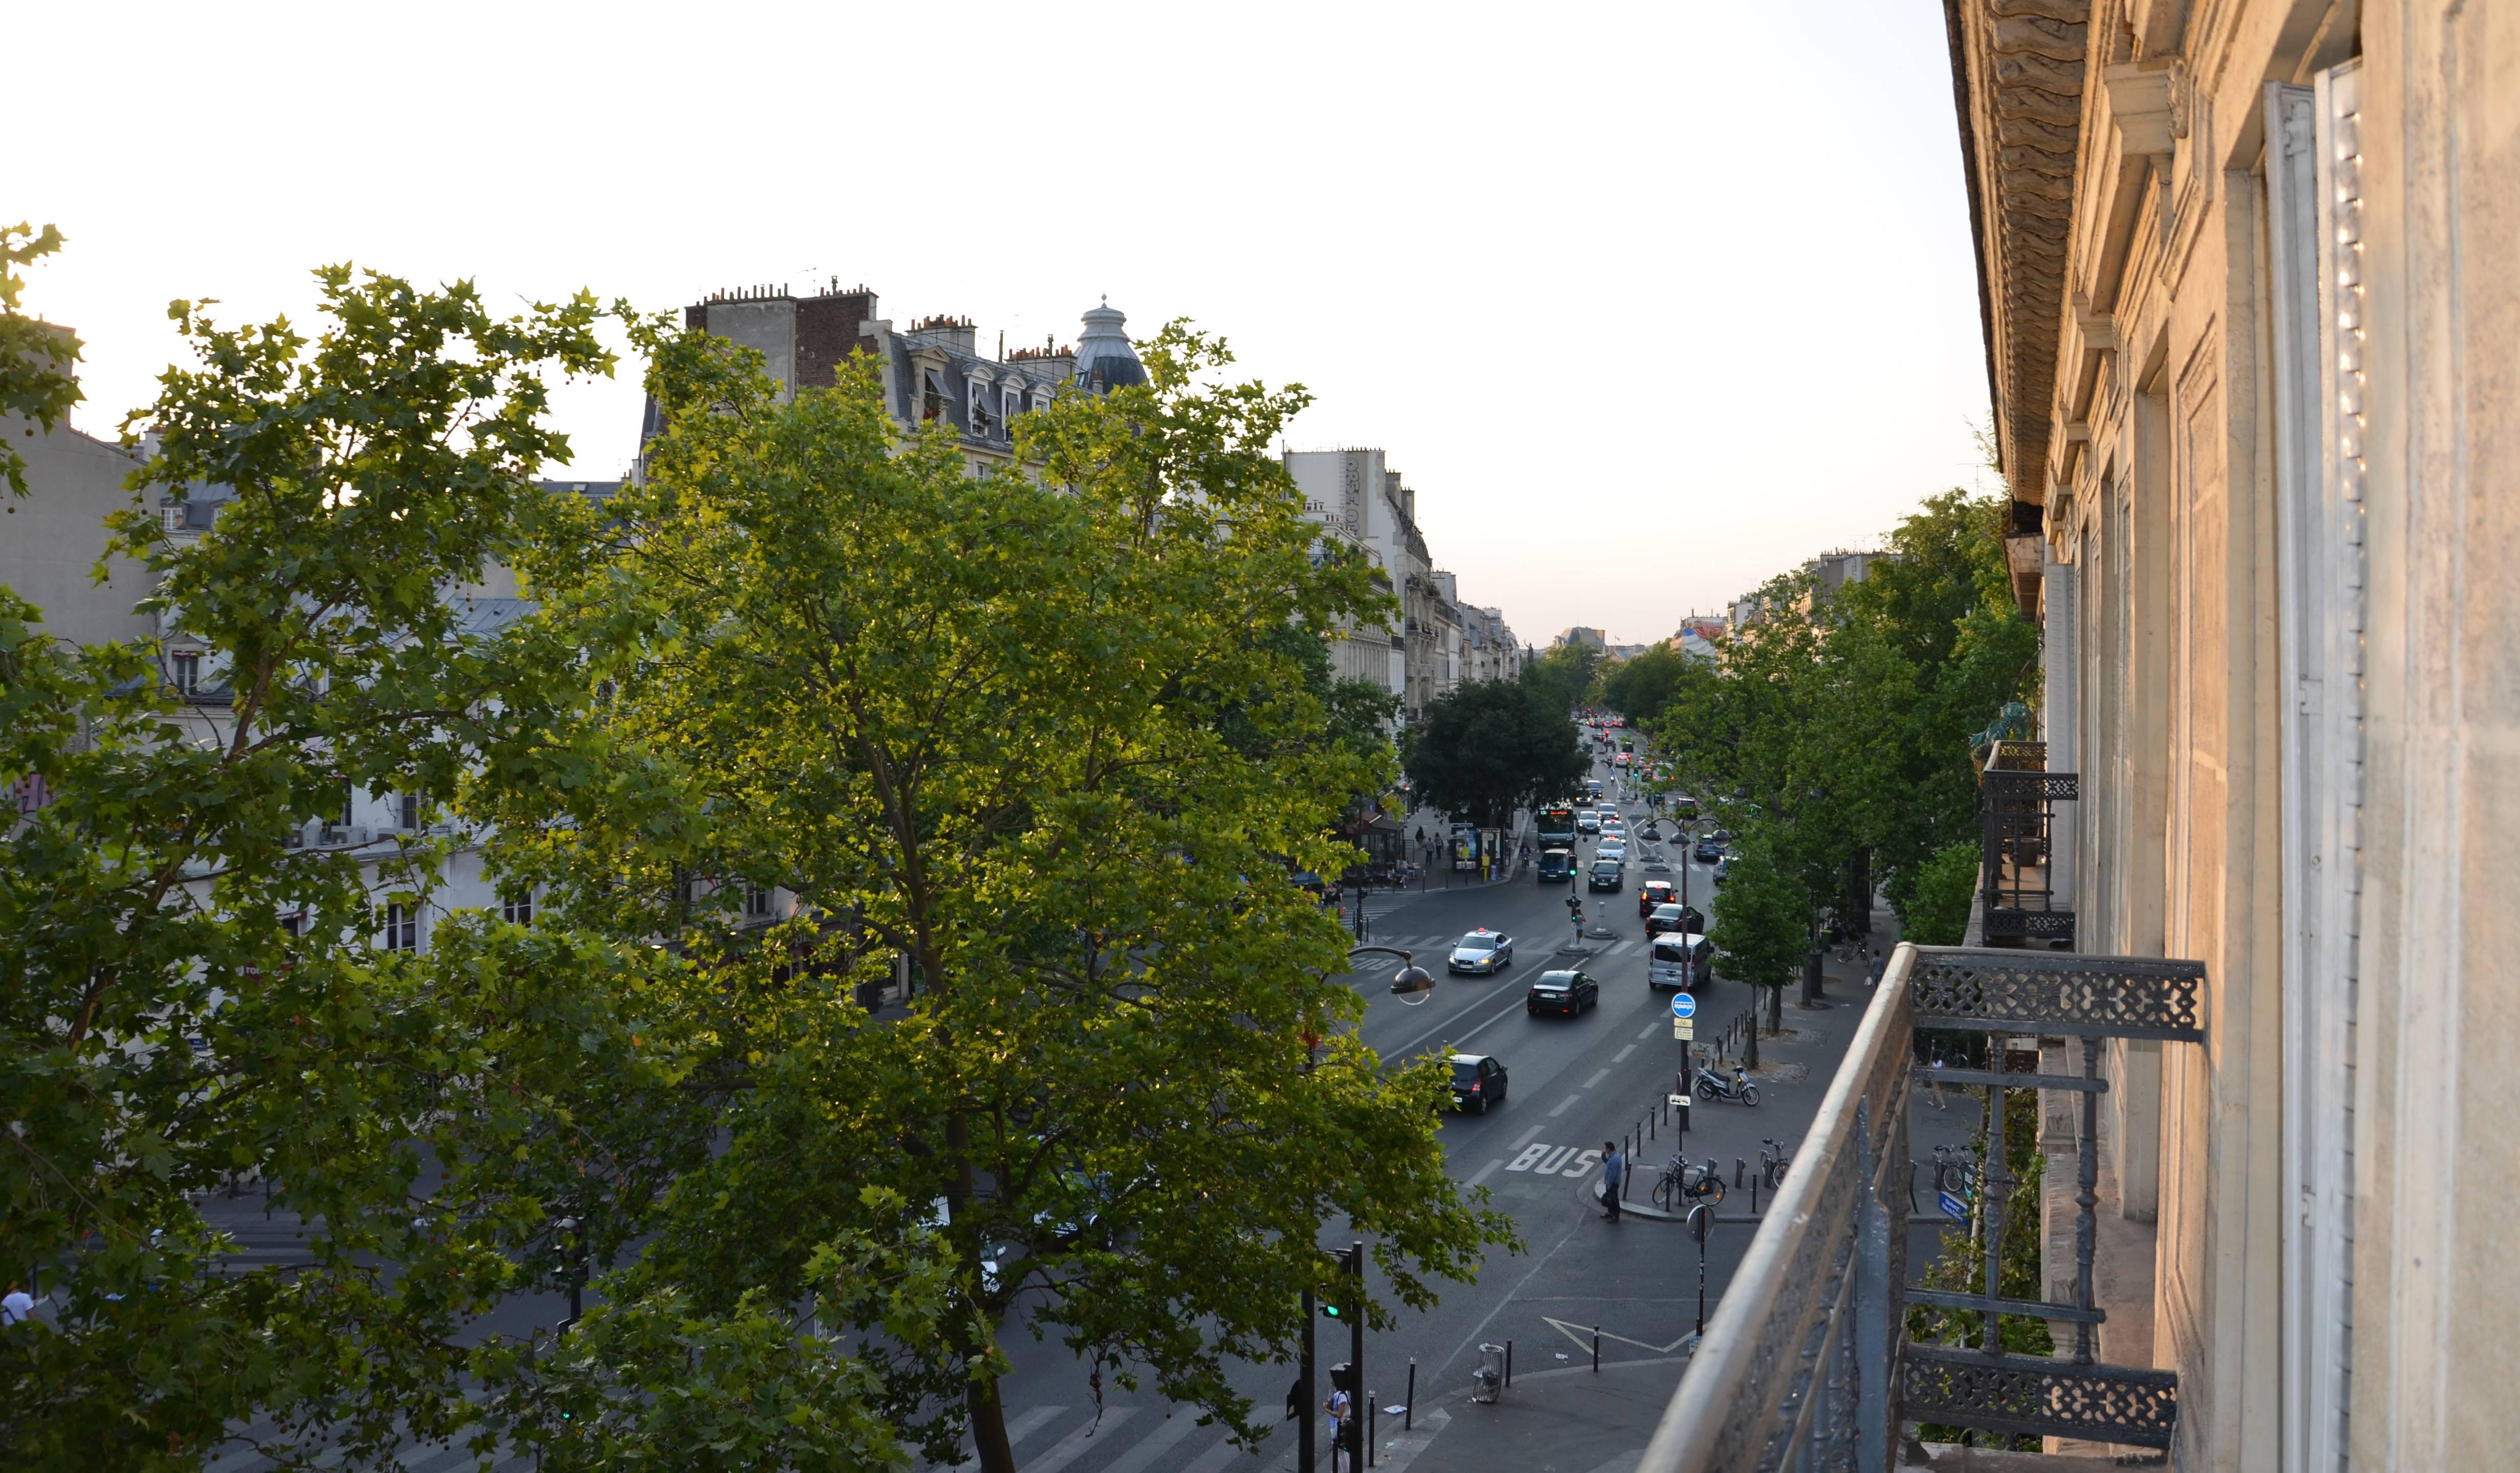 Paris, le 30 juin. Vue depuis la fenêtre du bureau de la rédaction de 18h39.